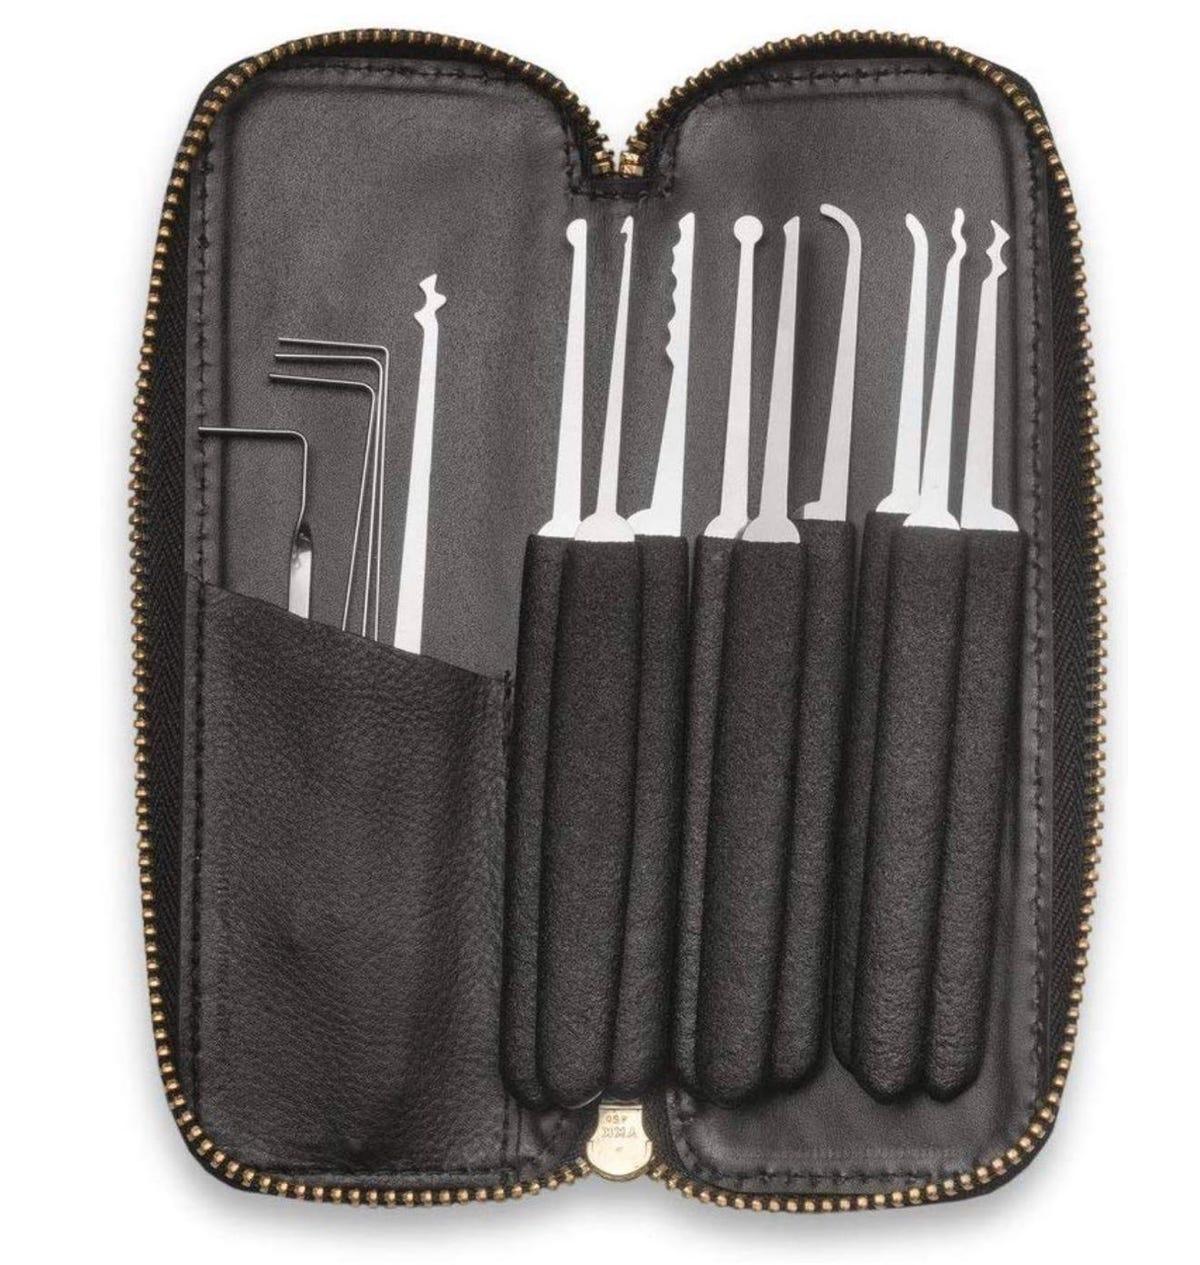 SouthOrd PXS-14 Lock Pick Set